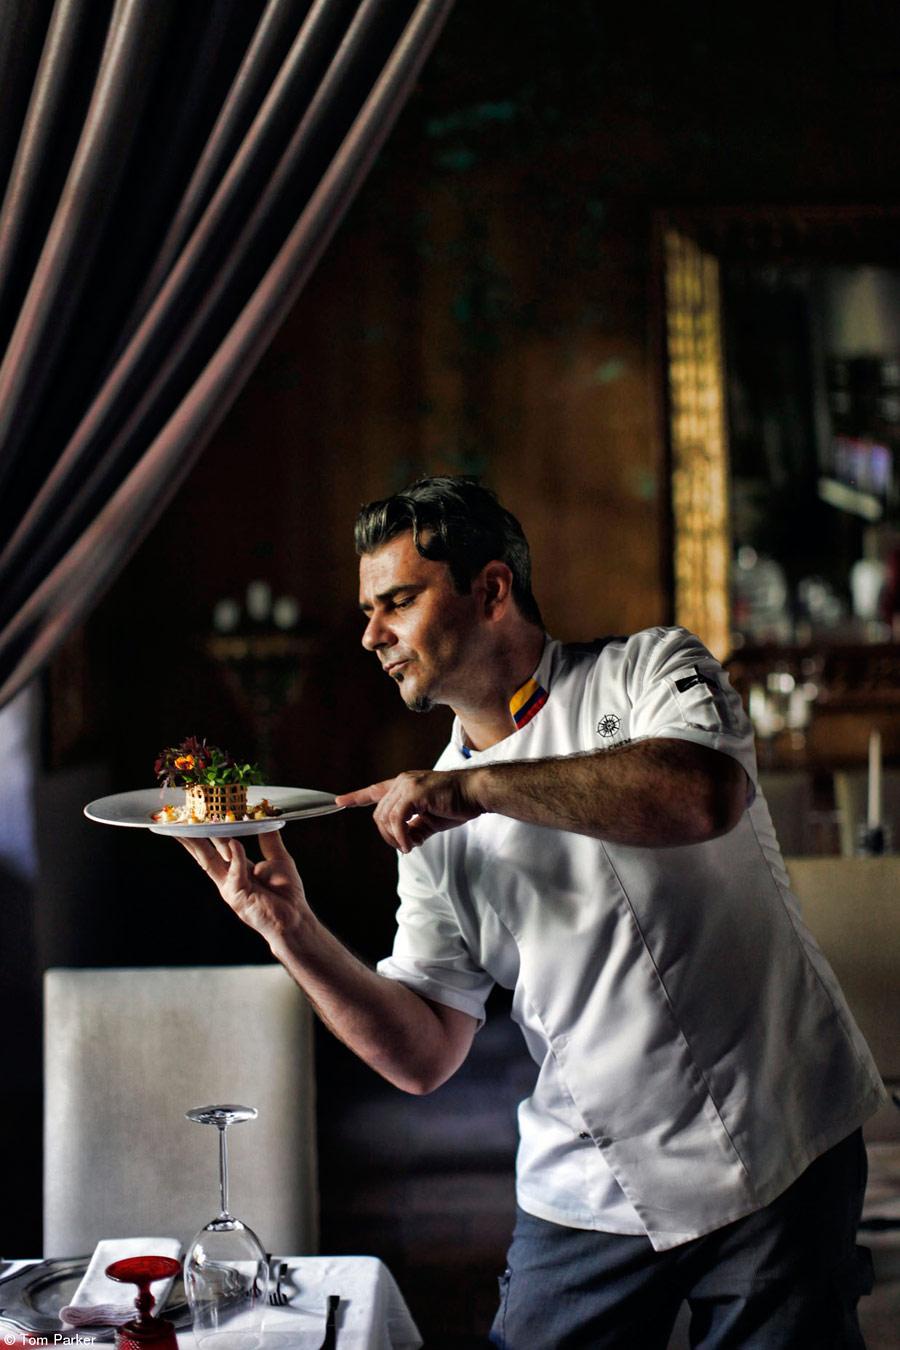 Прекрасная обеденная Колумбия, © Том Паркер, Великобритания, 1-е место, категория «Интернациональная еда за столом», Фотоконкурс Pink Lady Food